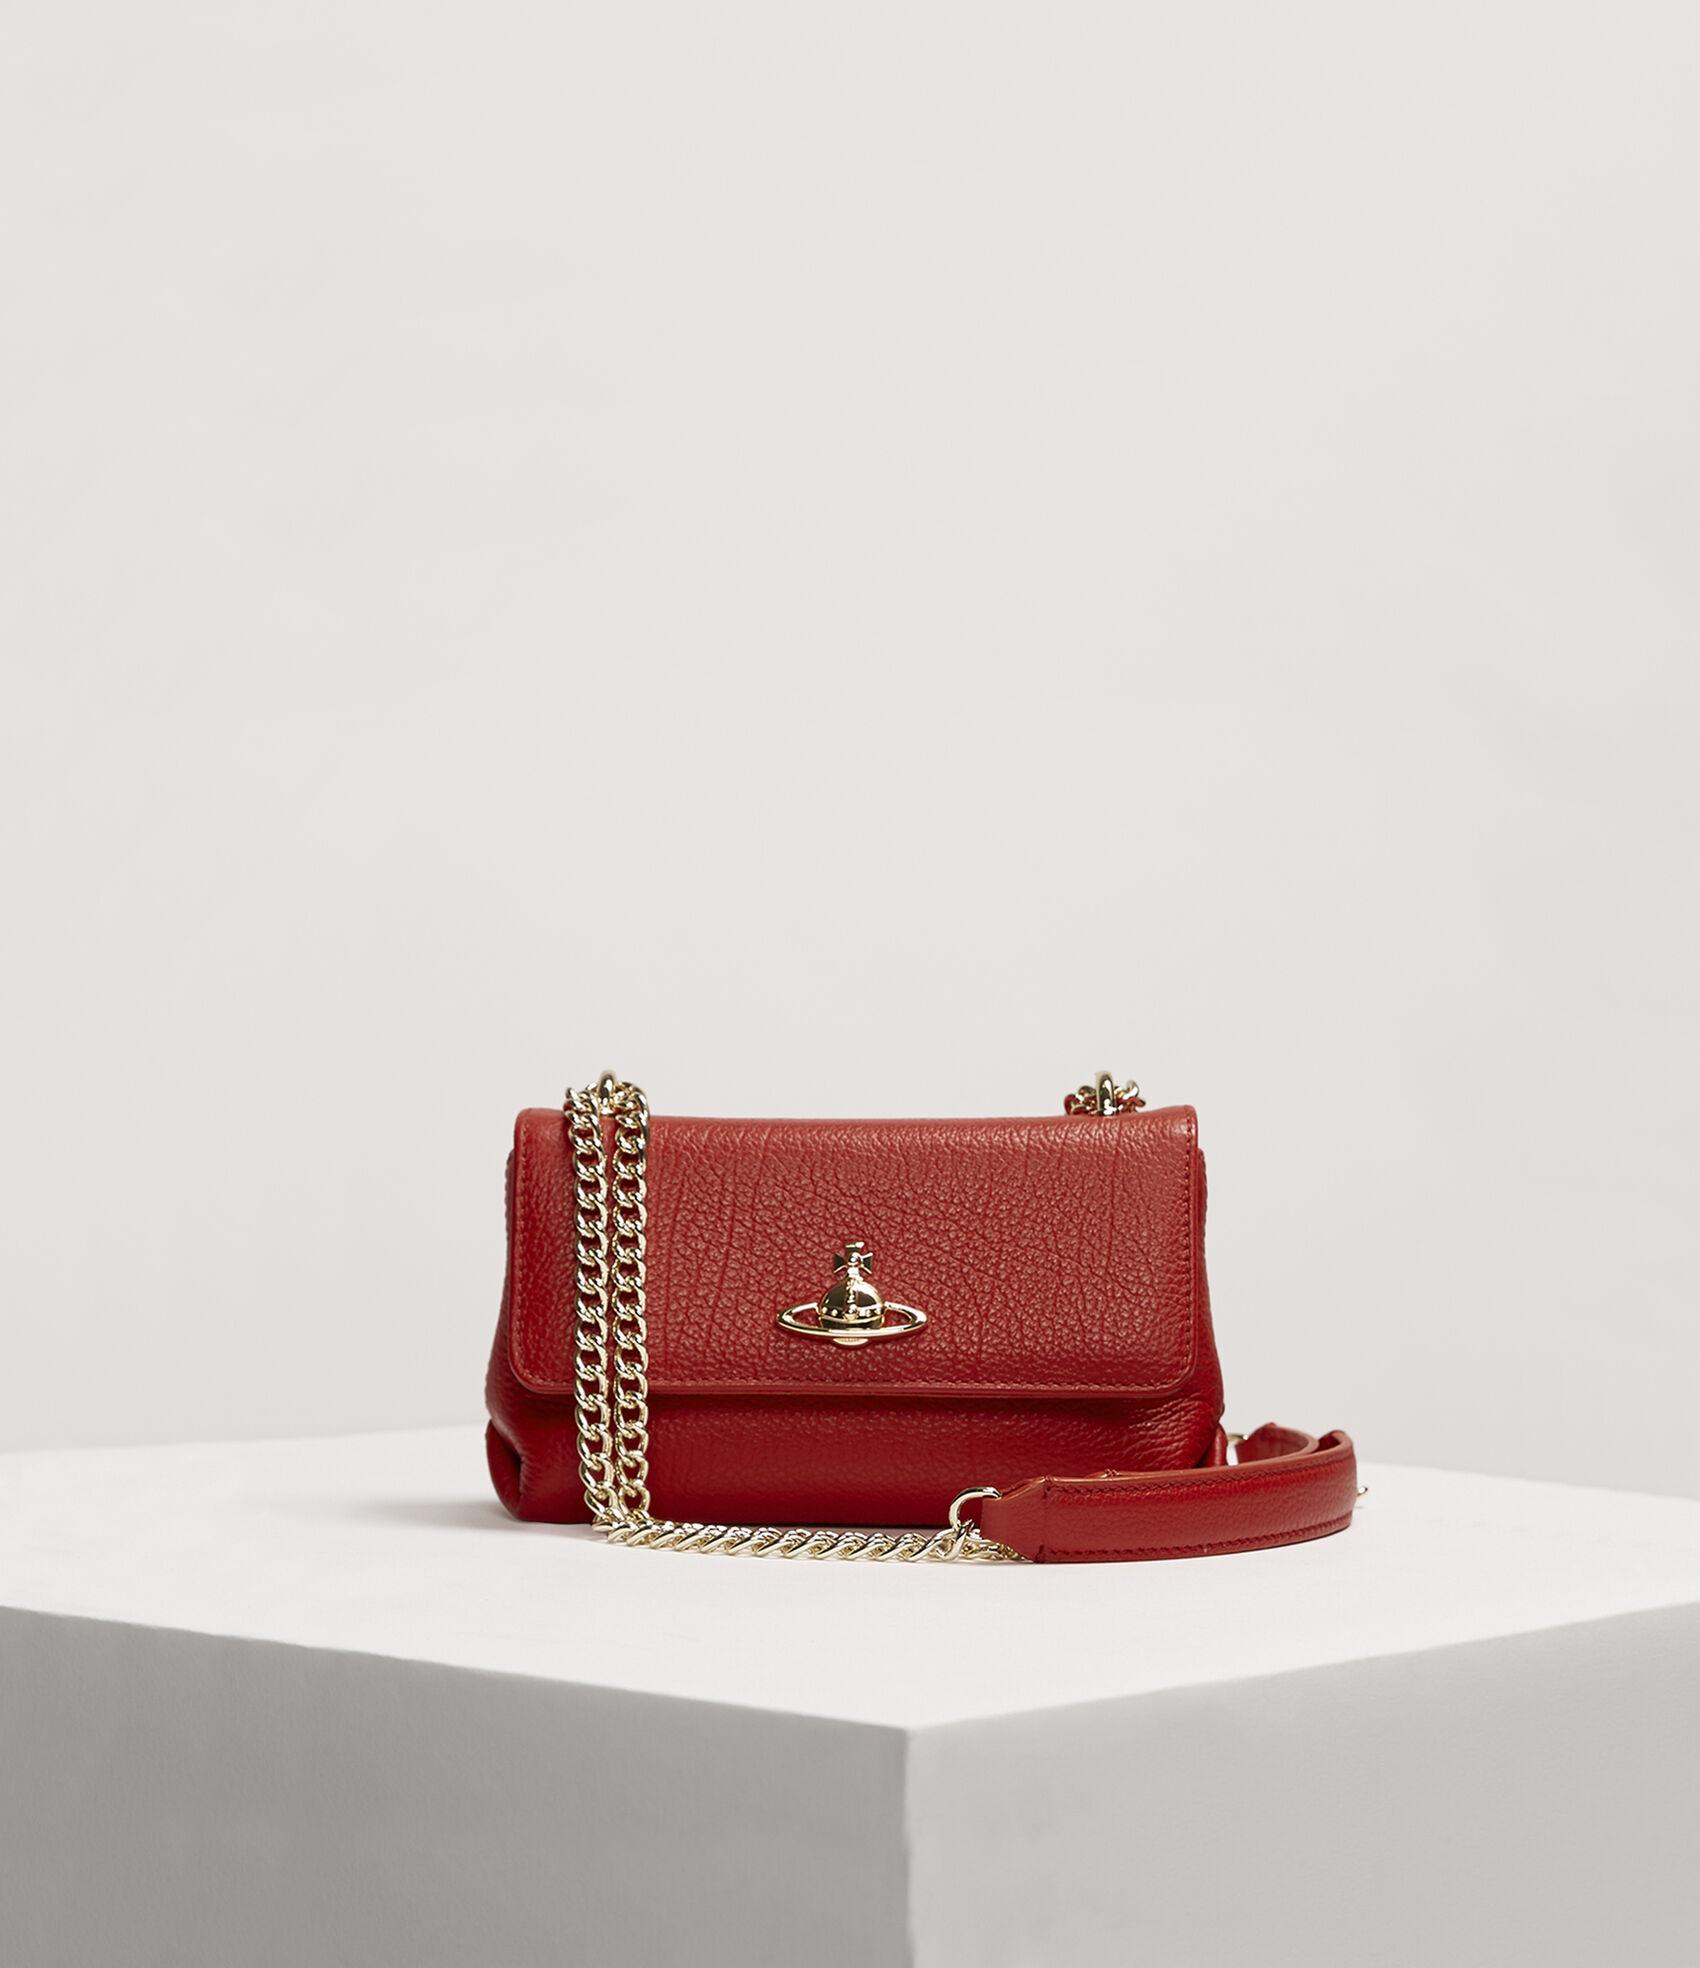 05abcd74f9d9 Vivienne Westwood Women s Designer Handbags